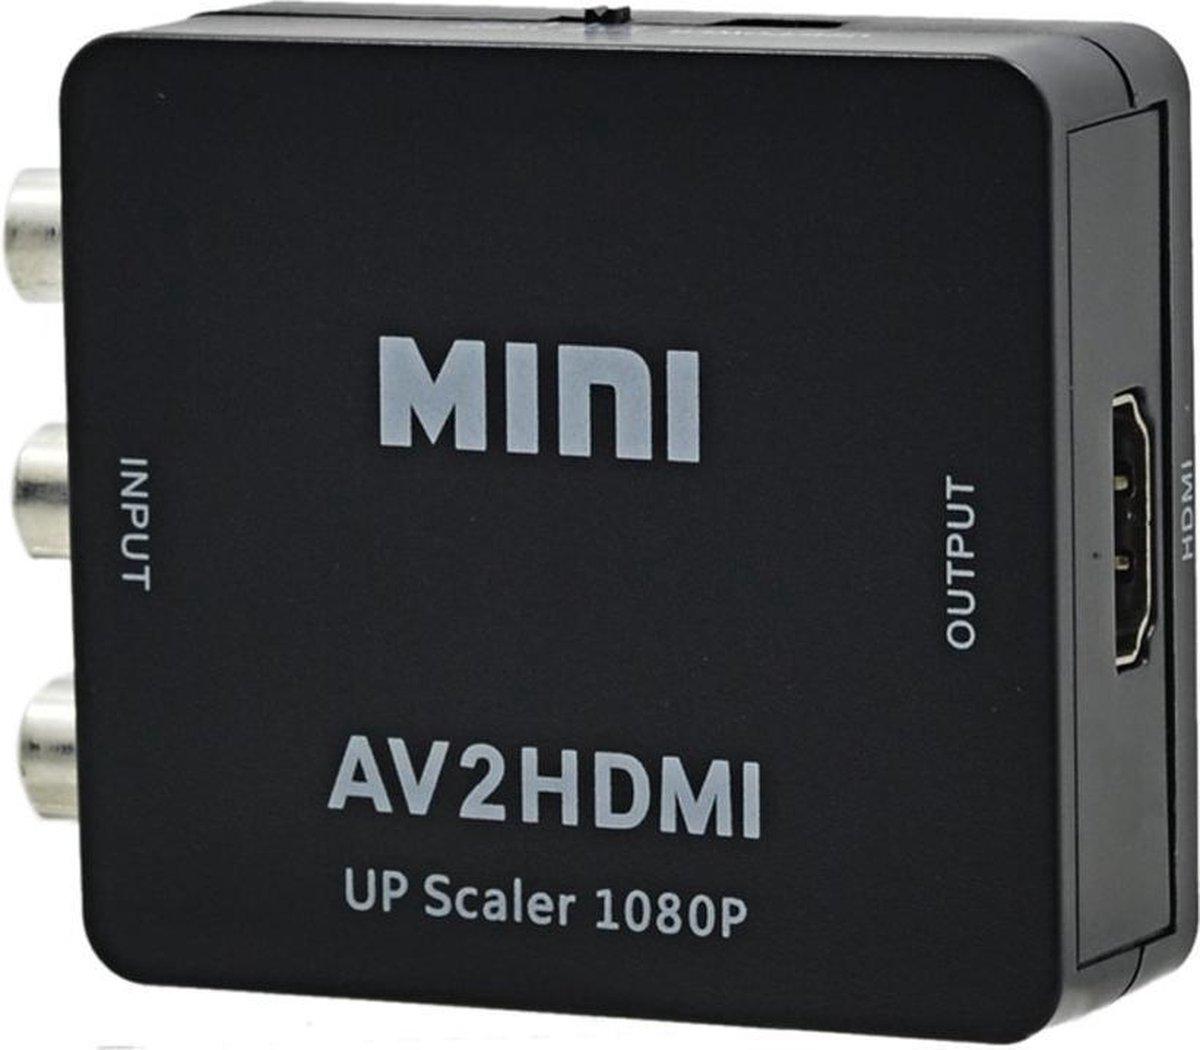 Mini Composite RCA AV naar HDMI Converter Upscaler Adapter - Zwart - NedRo